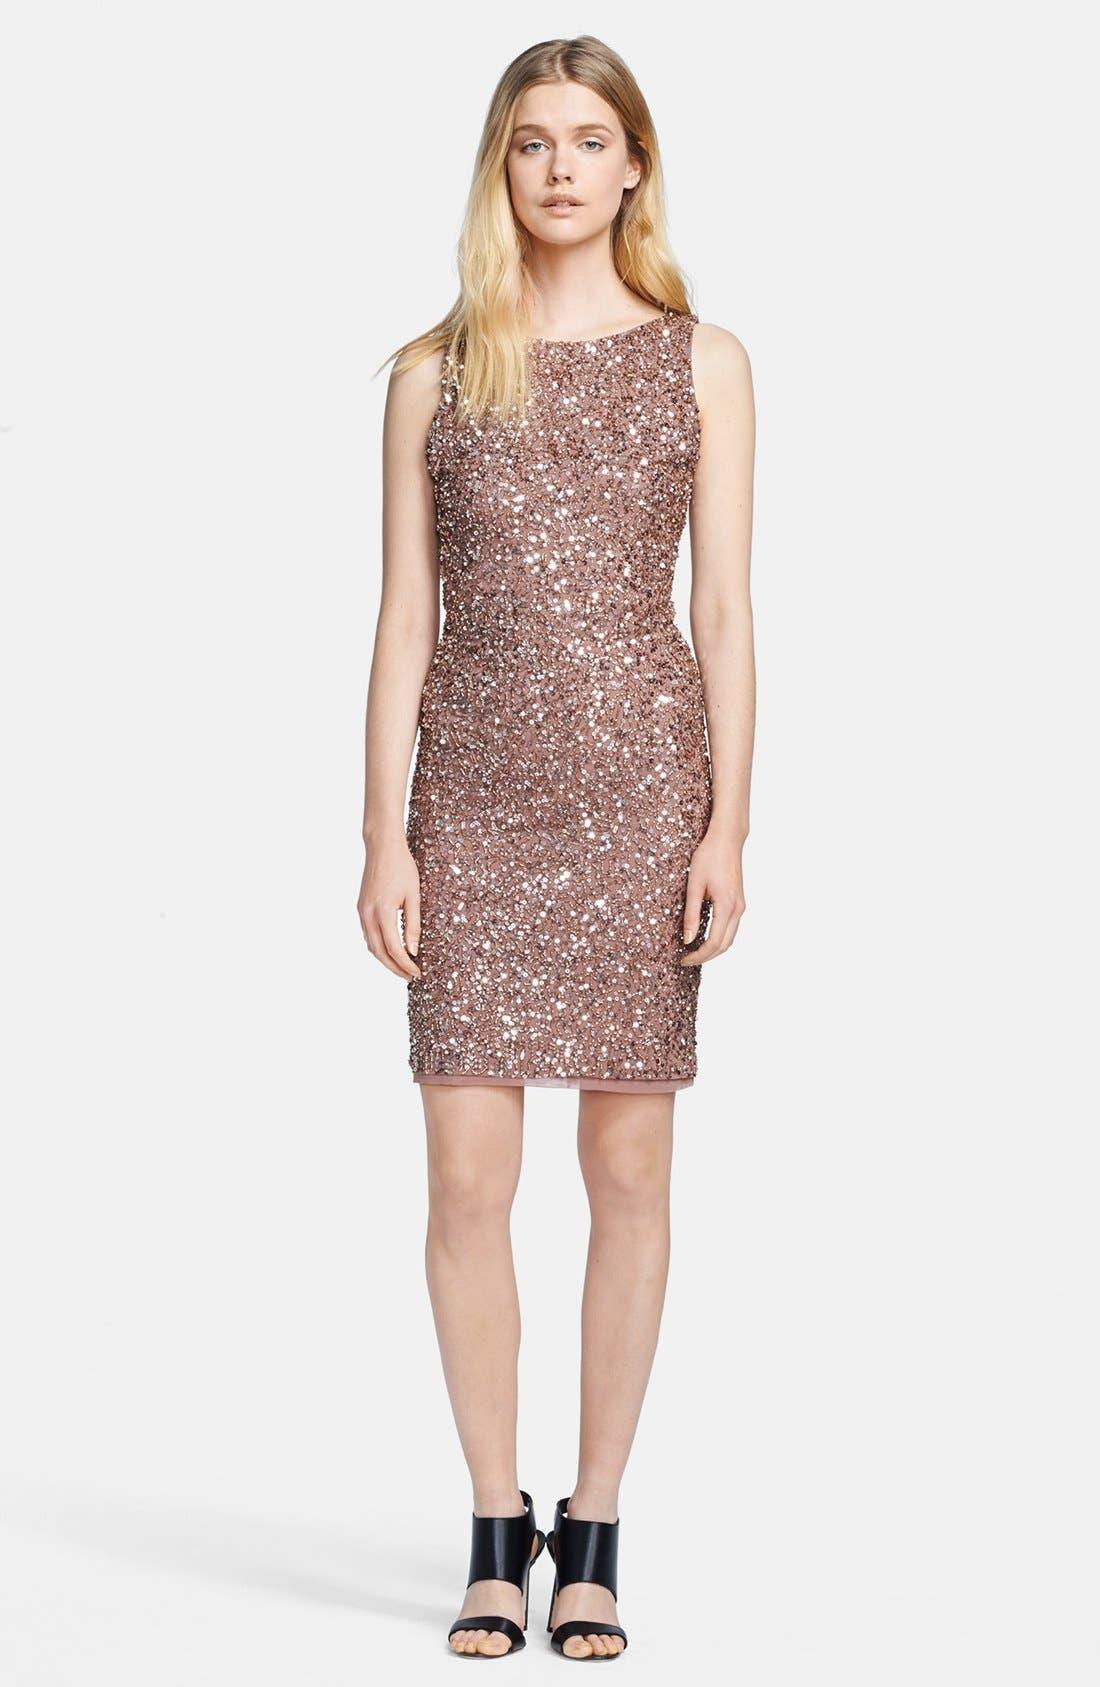 Main Image - Alice + Olivia 'Kimber' Sleeveless Bead Embellished Dress